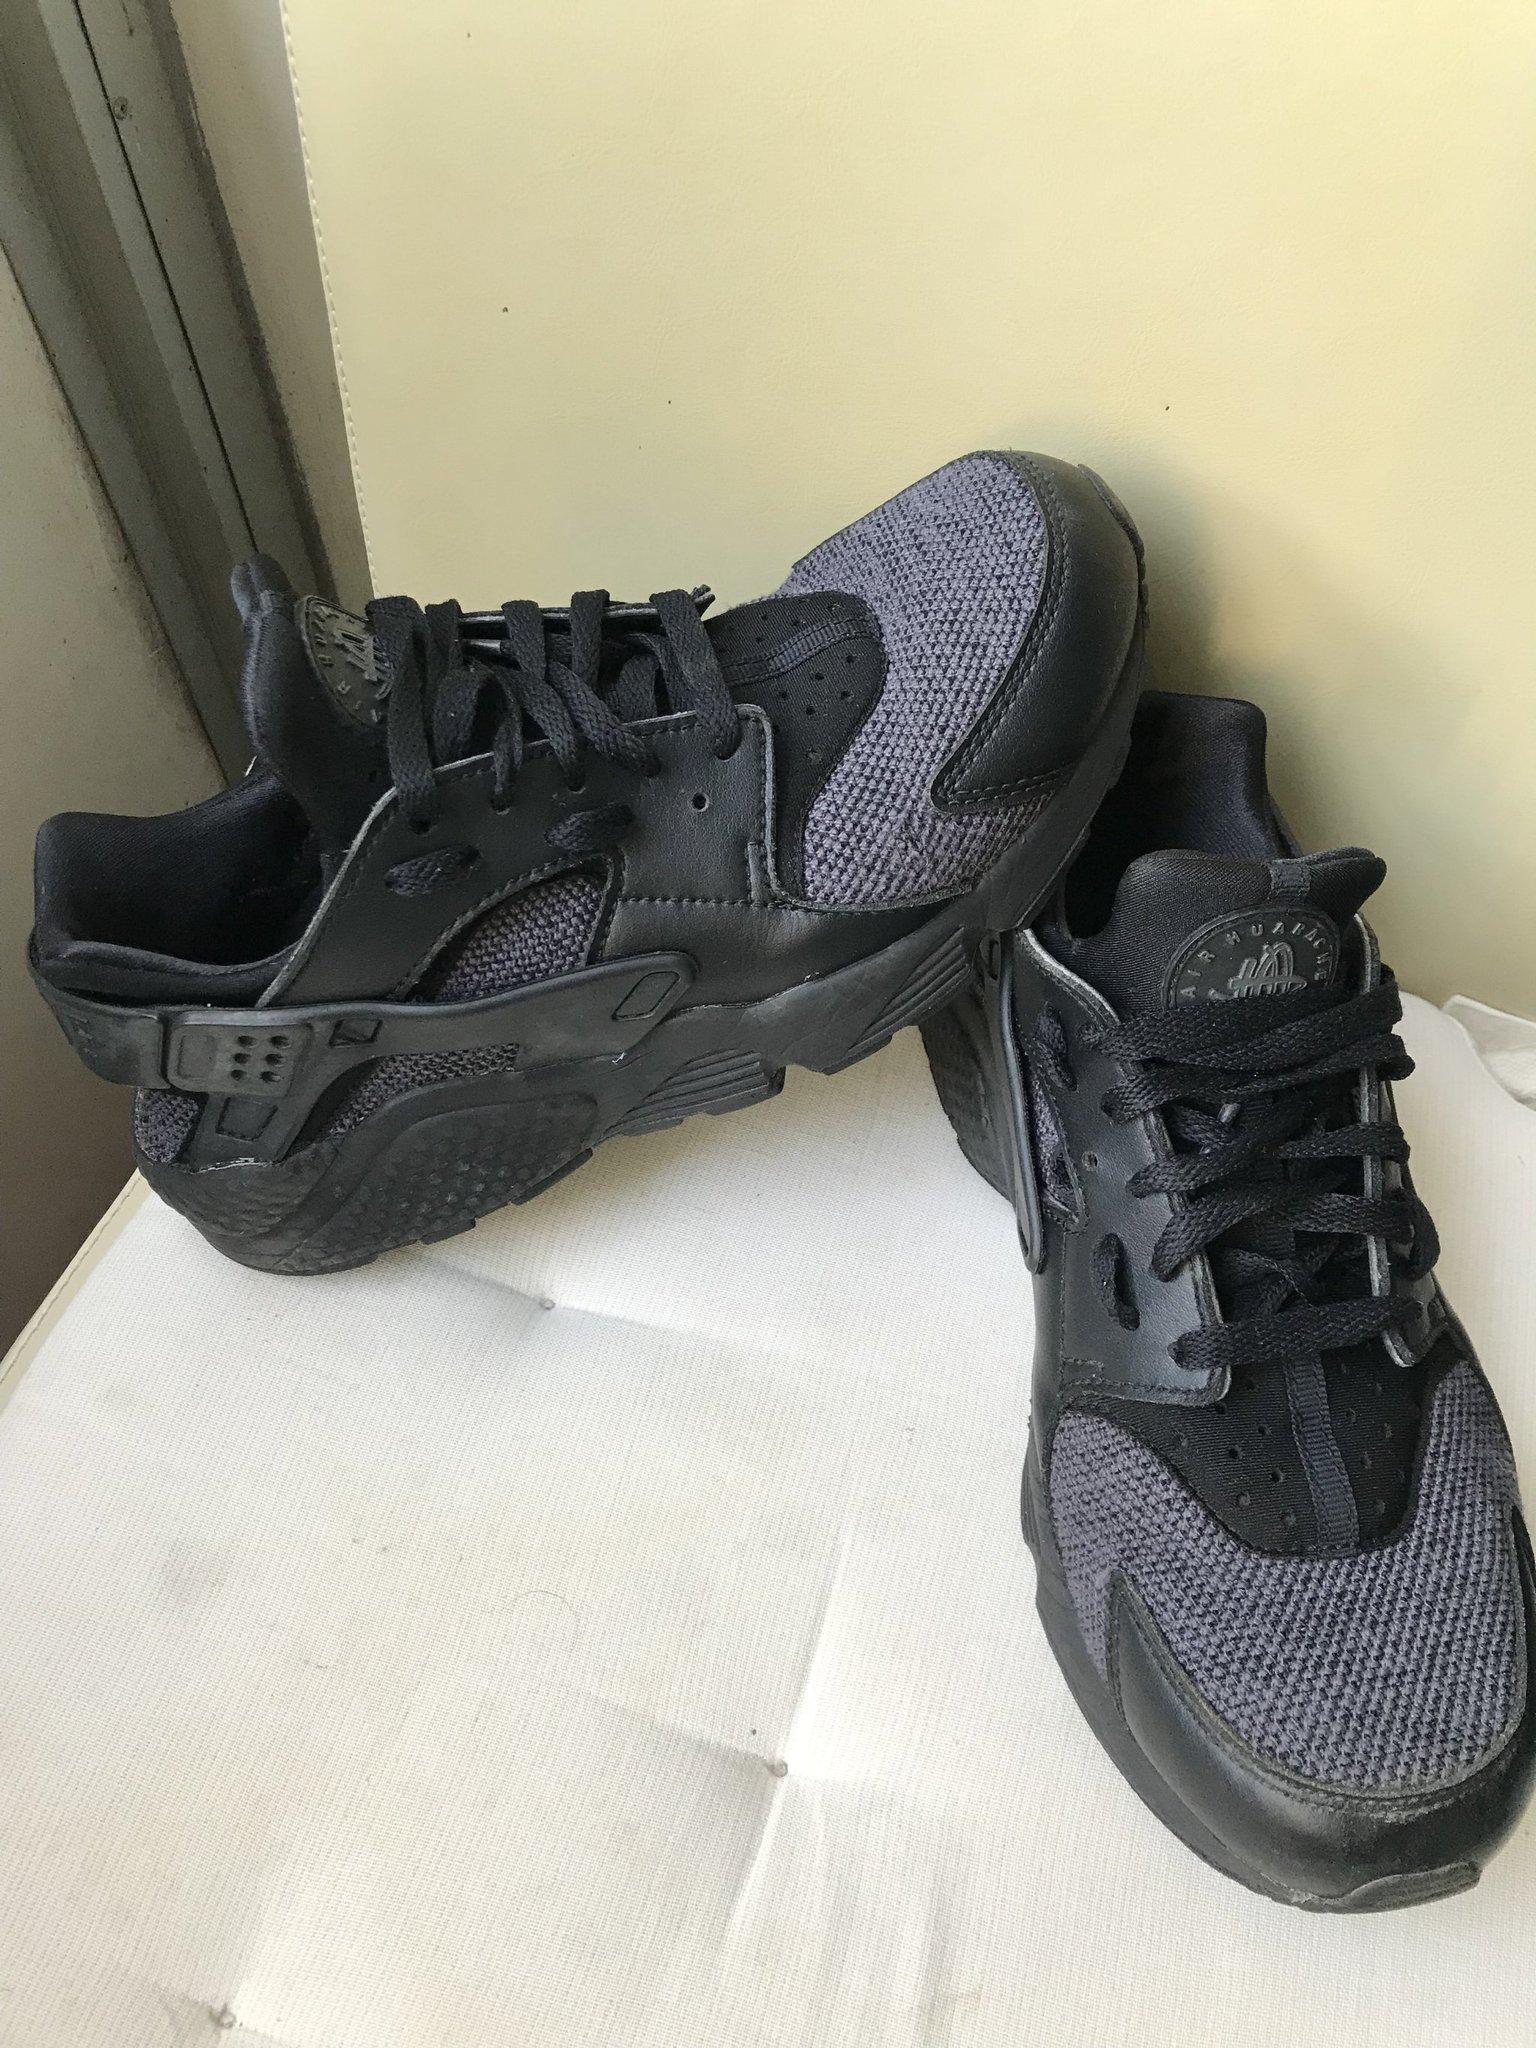 8ab166fc nike skor som bara används inomhus några gånger och